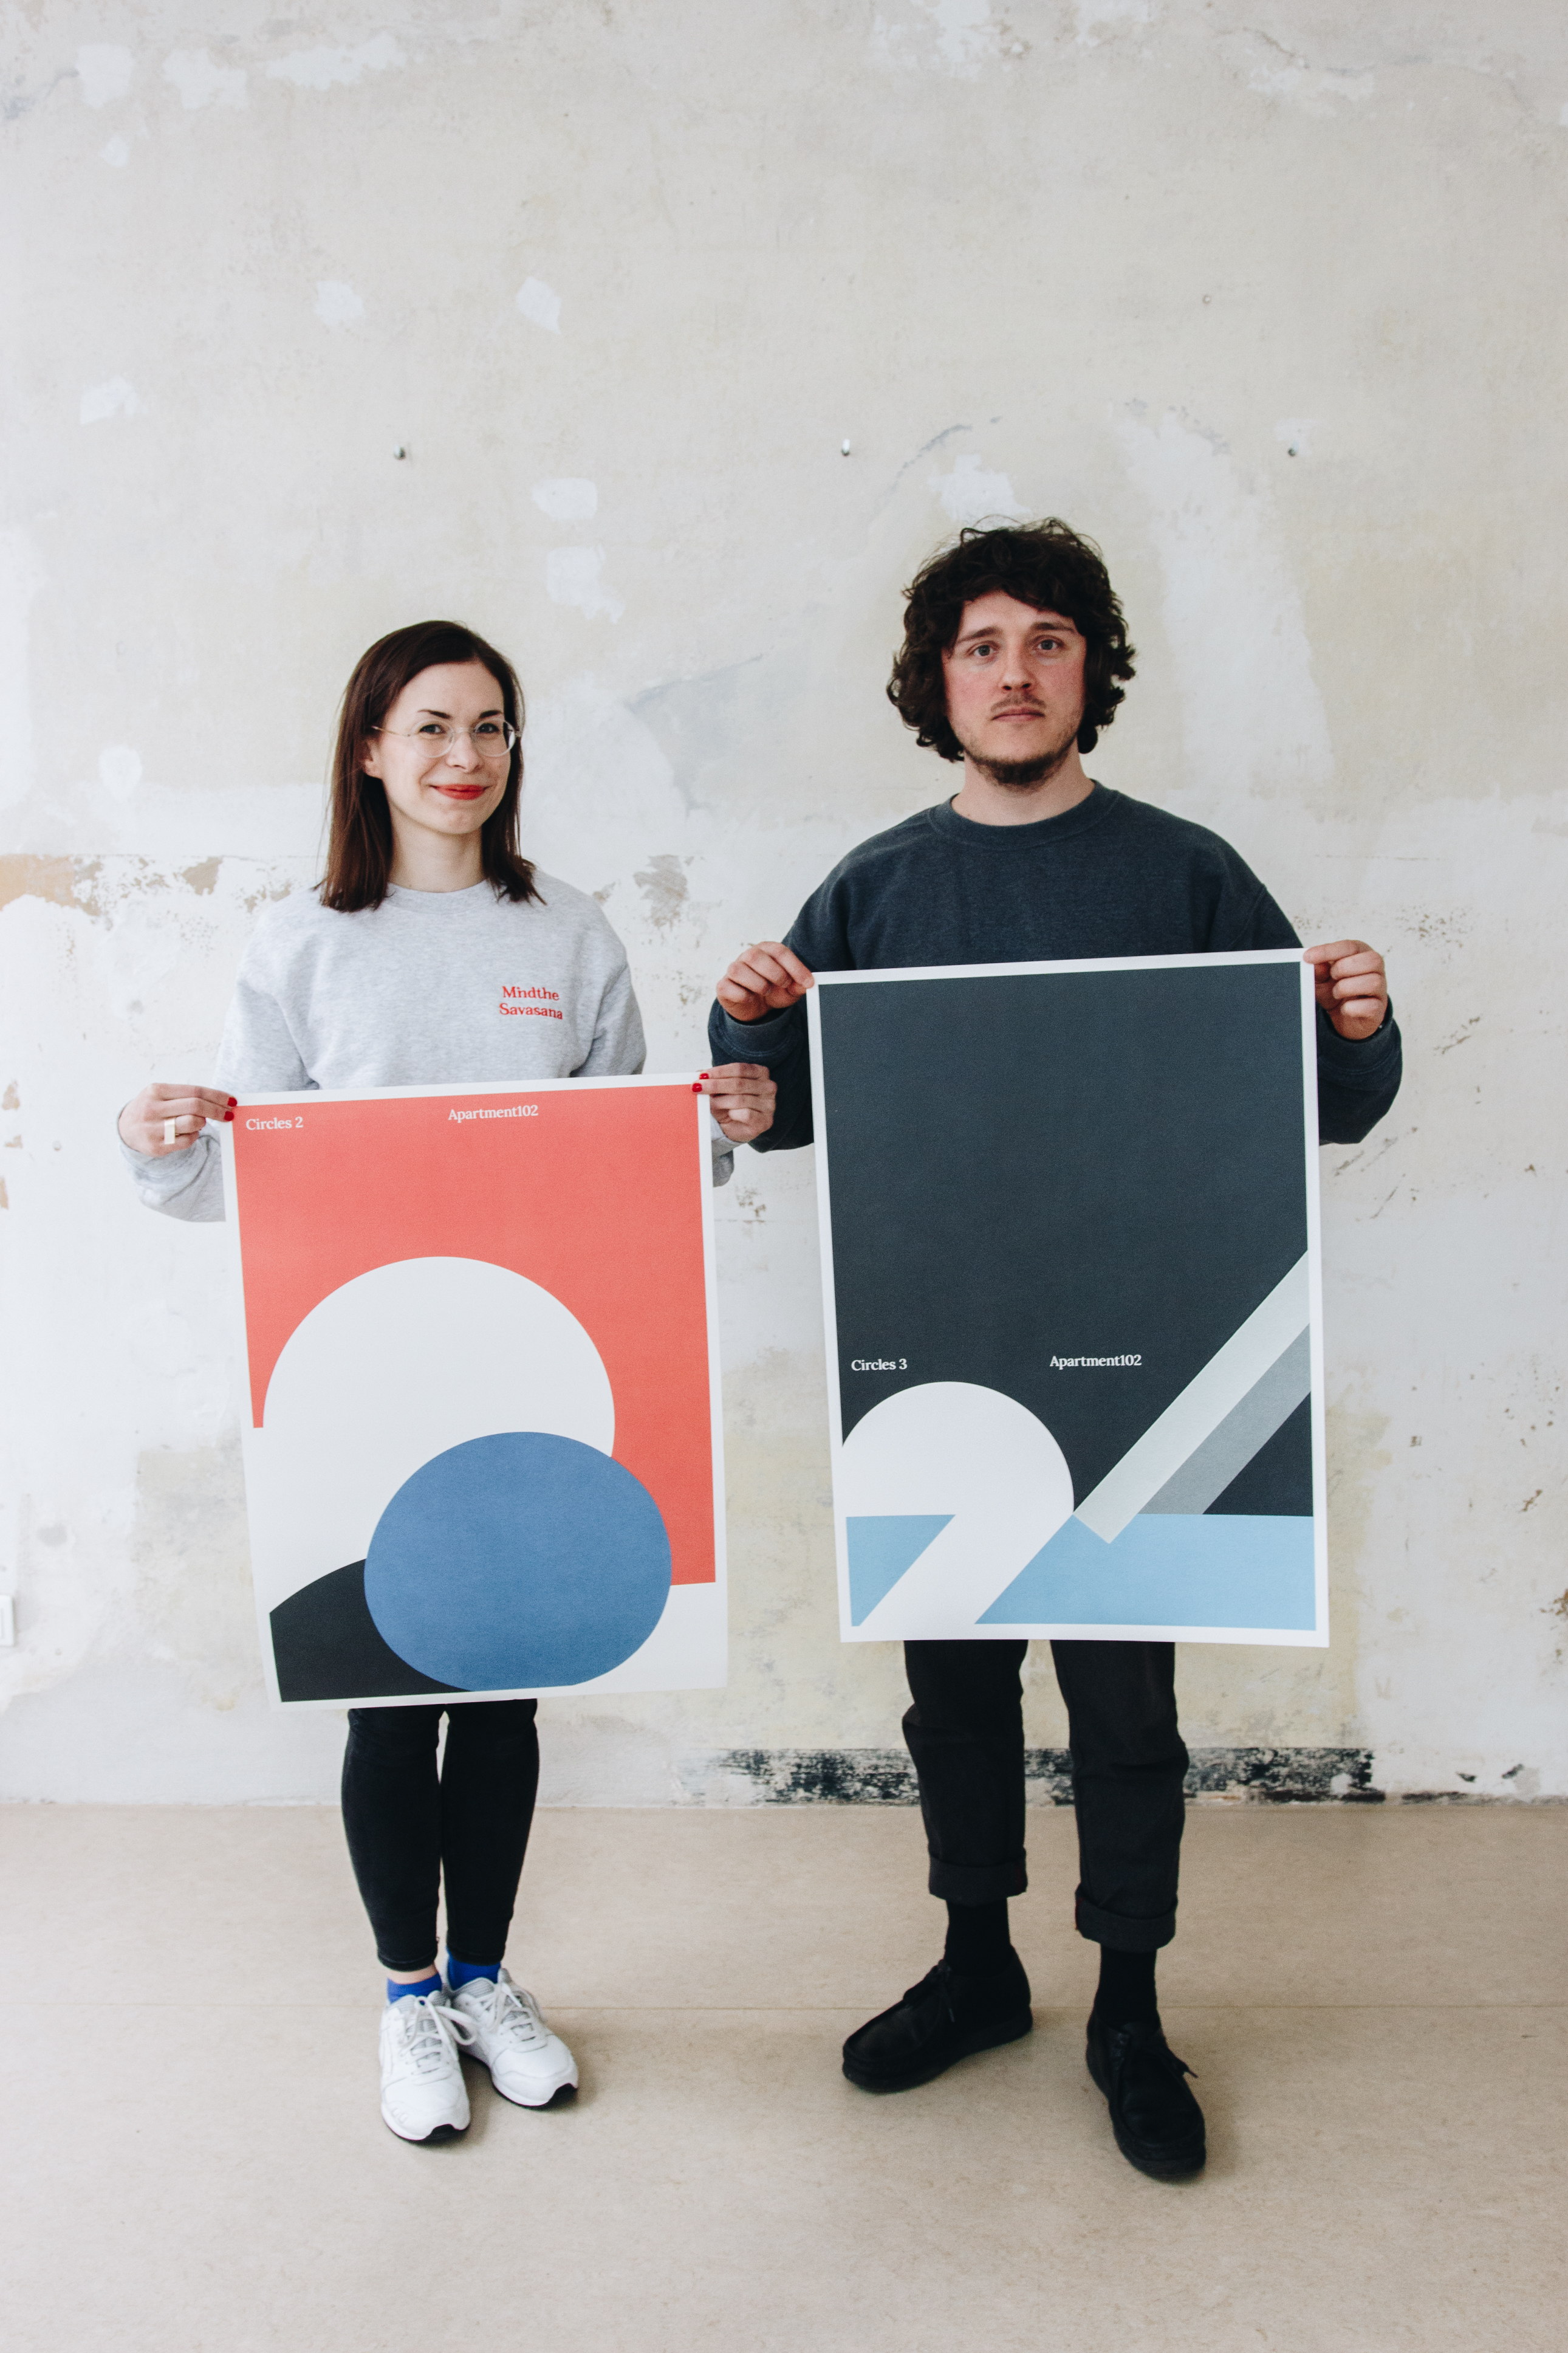 apartment102-annabelle sagt-mindt design studio-yoga-pierre von helden-leipzig50